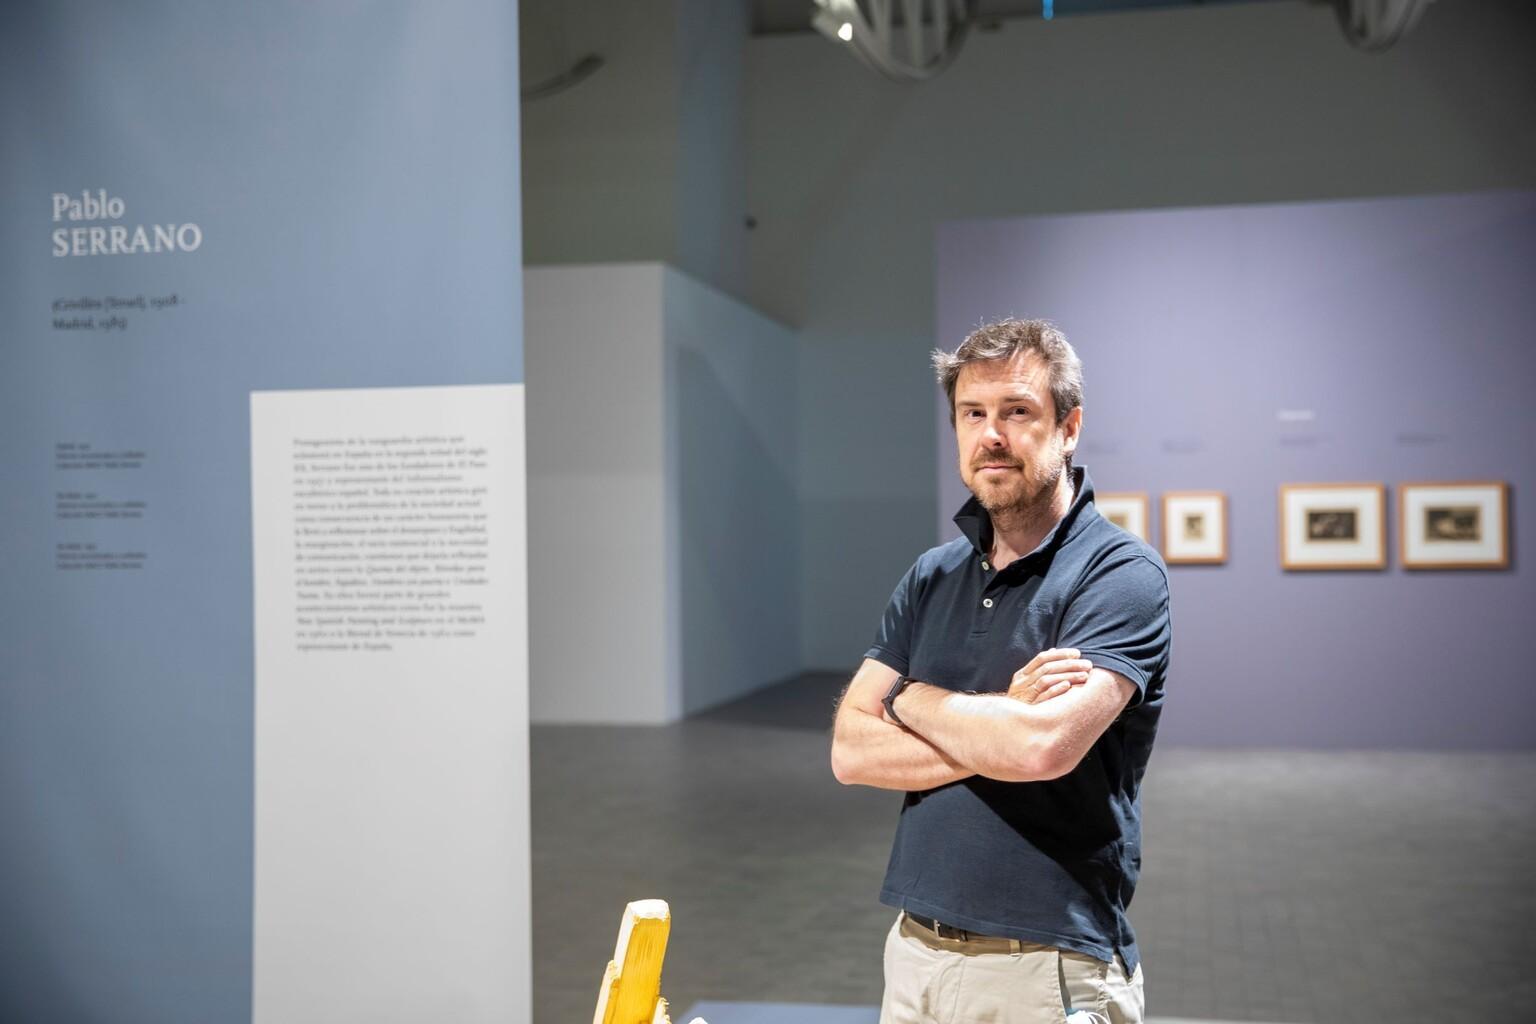 Julio Ramón en el IAACC Pablo Serrano